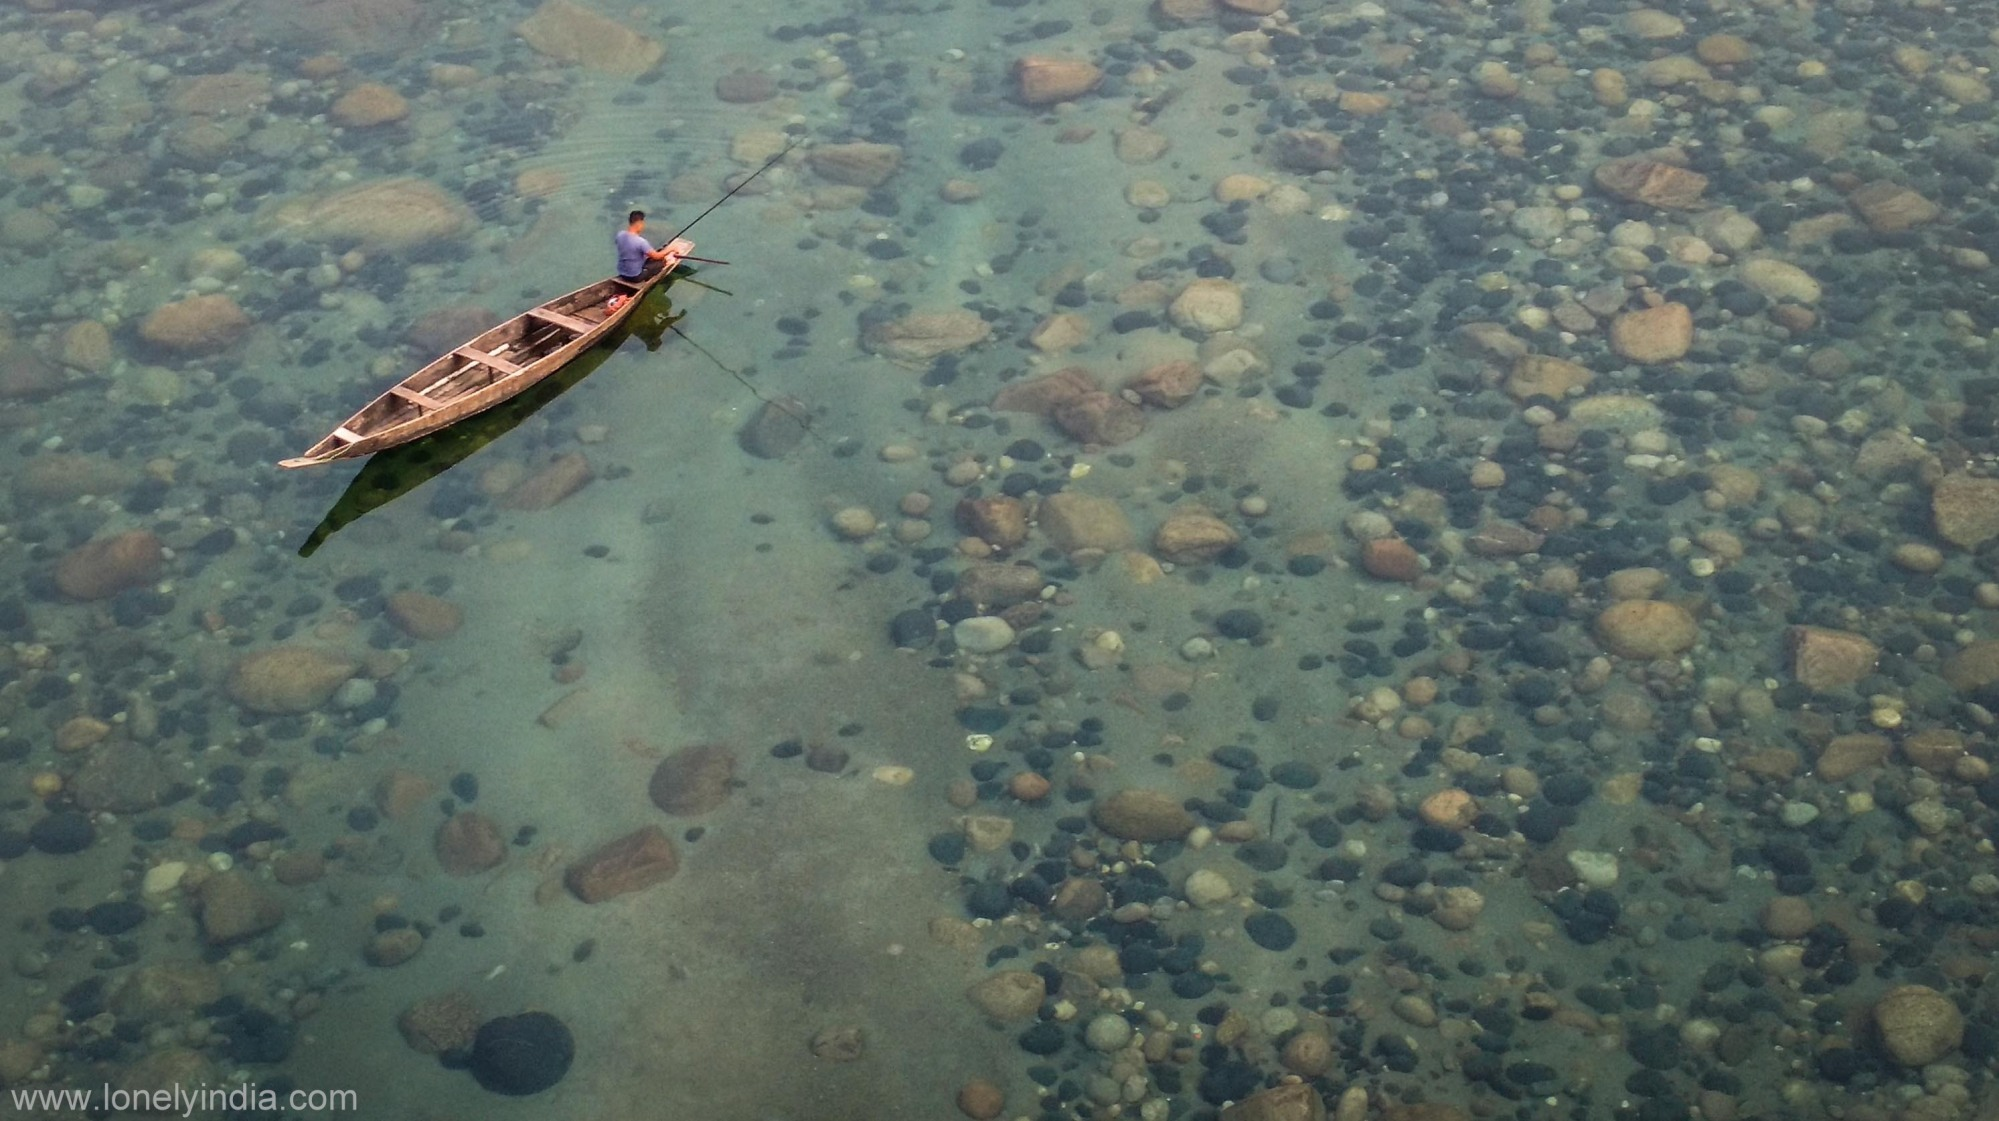 dawki meghalaya cleanest water in india